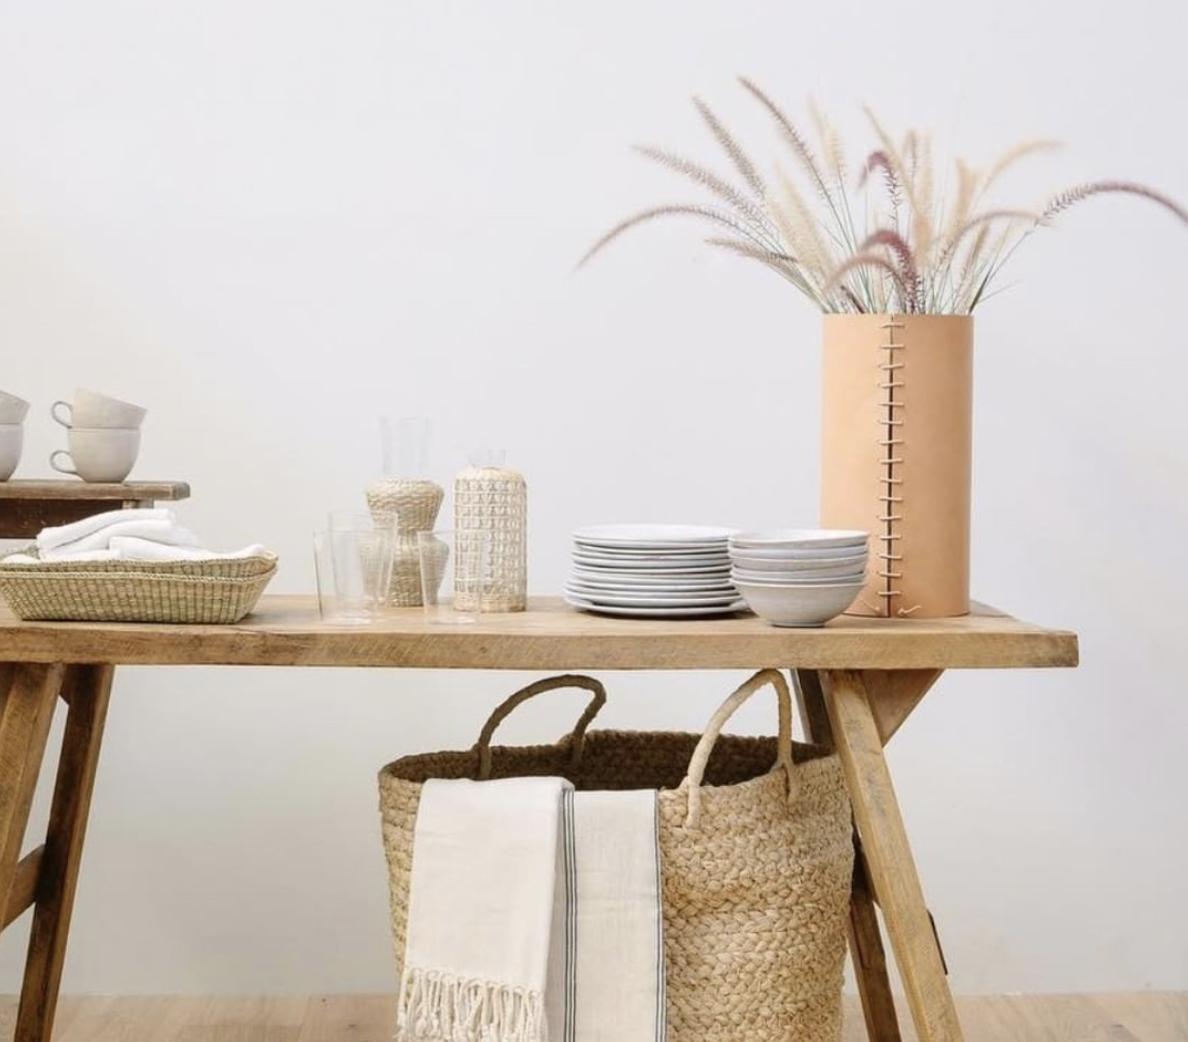 Image courtesy of  Shoppe Amber Interiors